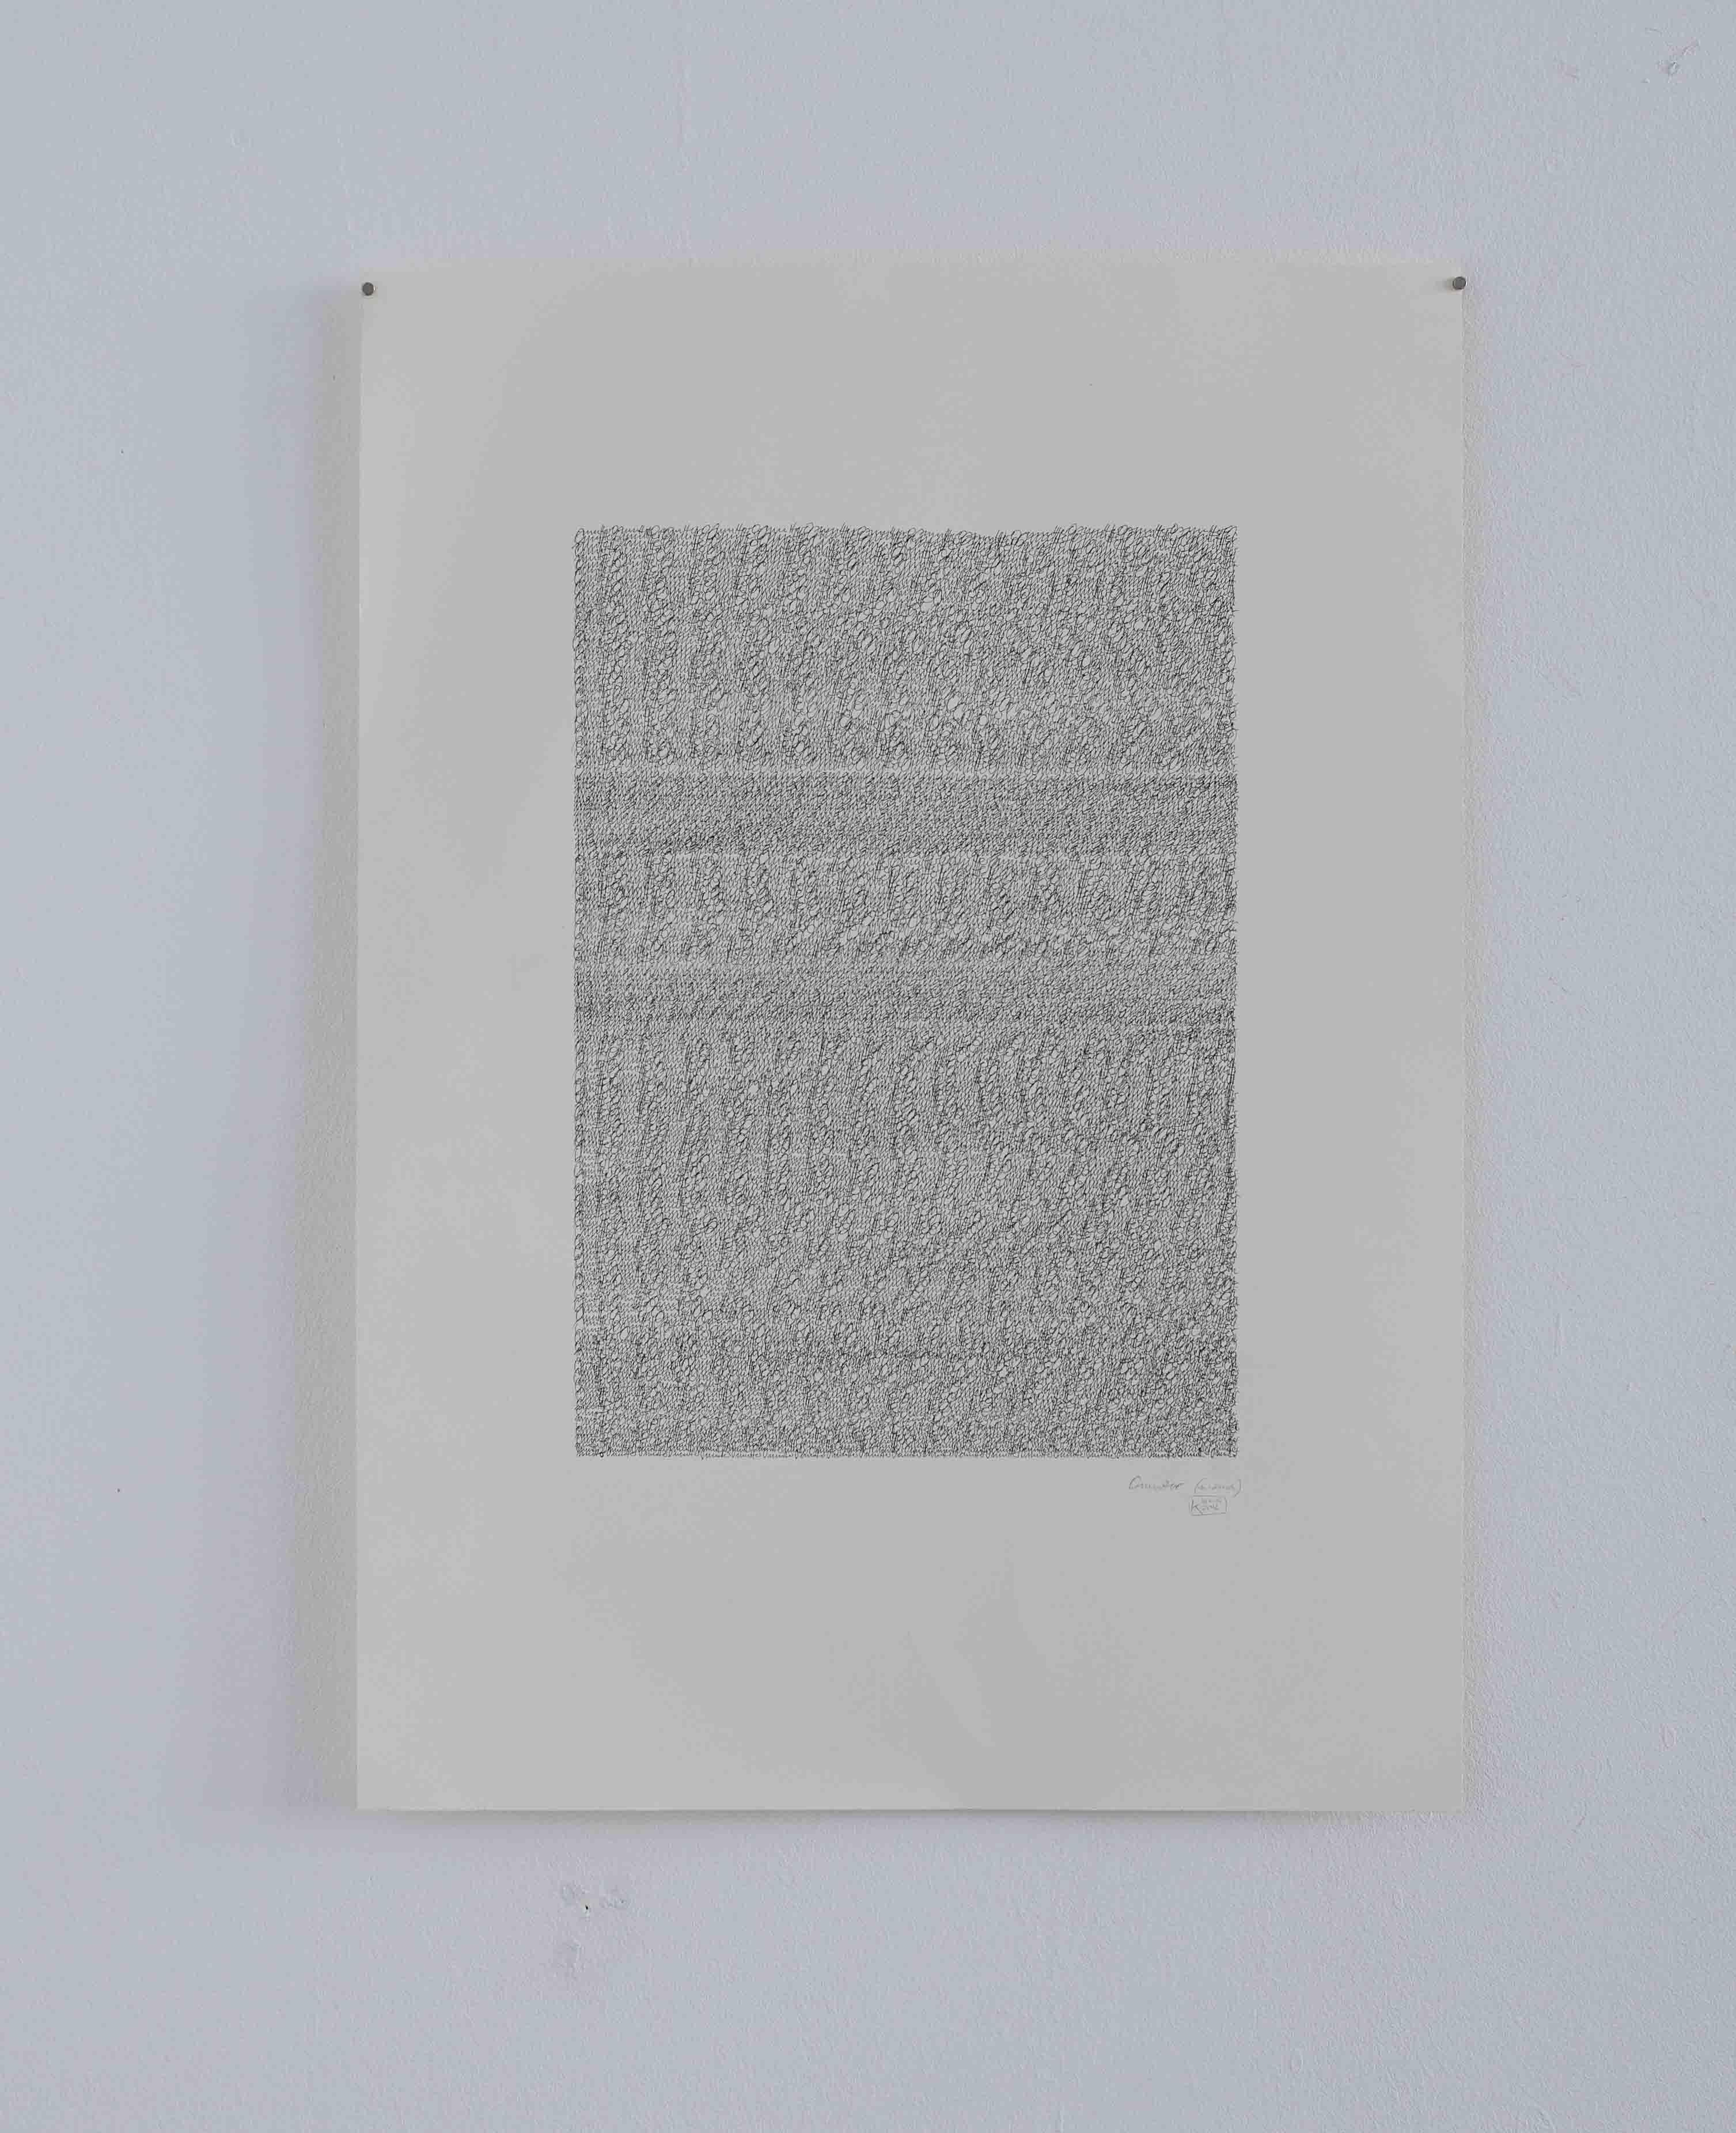 mutter (wortteppich)_2016_70x50cm_fineliner auf papier